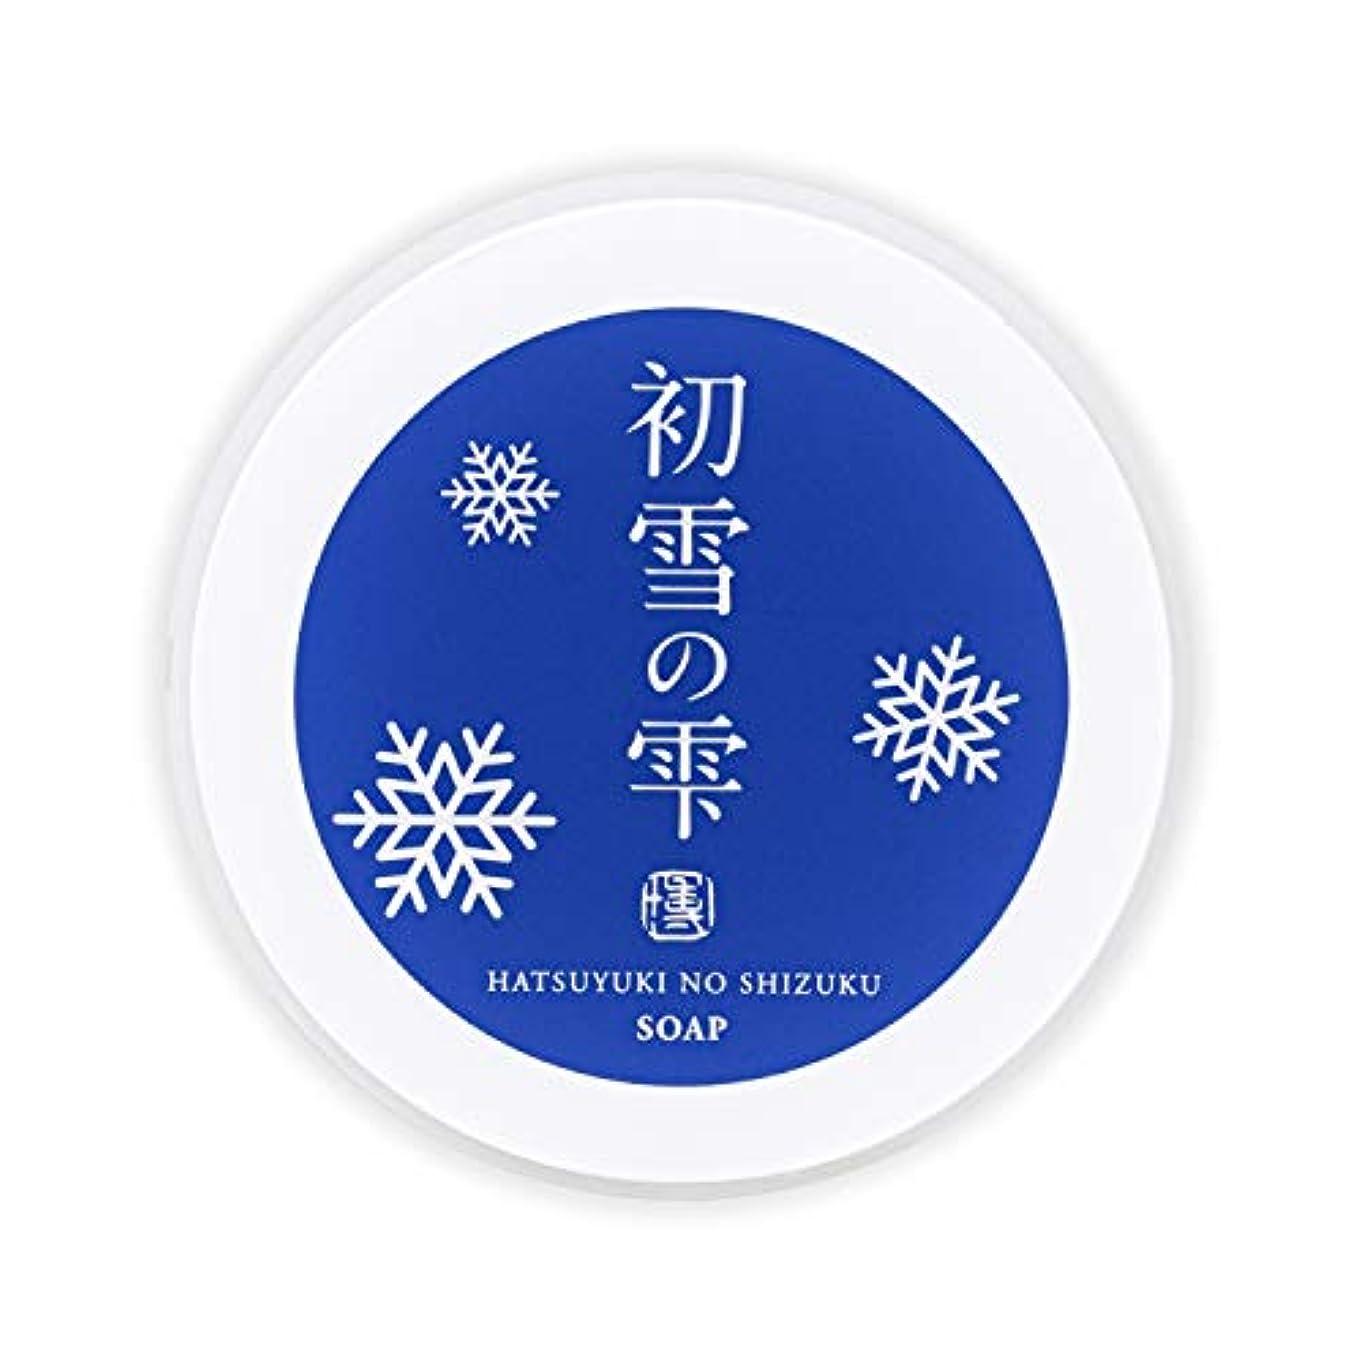 ヒープ火炎平和な初雪の雫 洗顔 練り せっけん ジャータイプ 34g [アミノ酸 ヒアルロン酸 プラセンタエキス セラミド 配合]